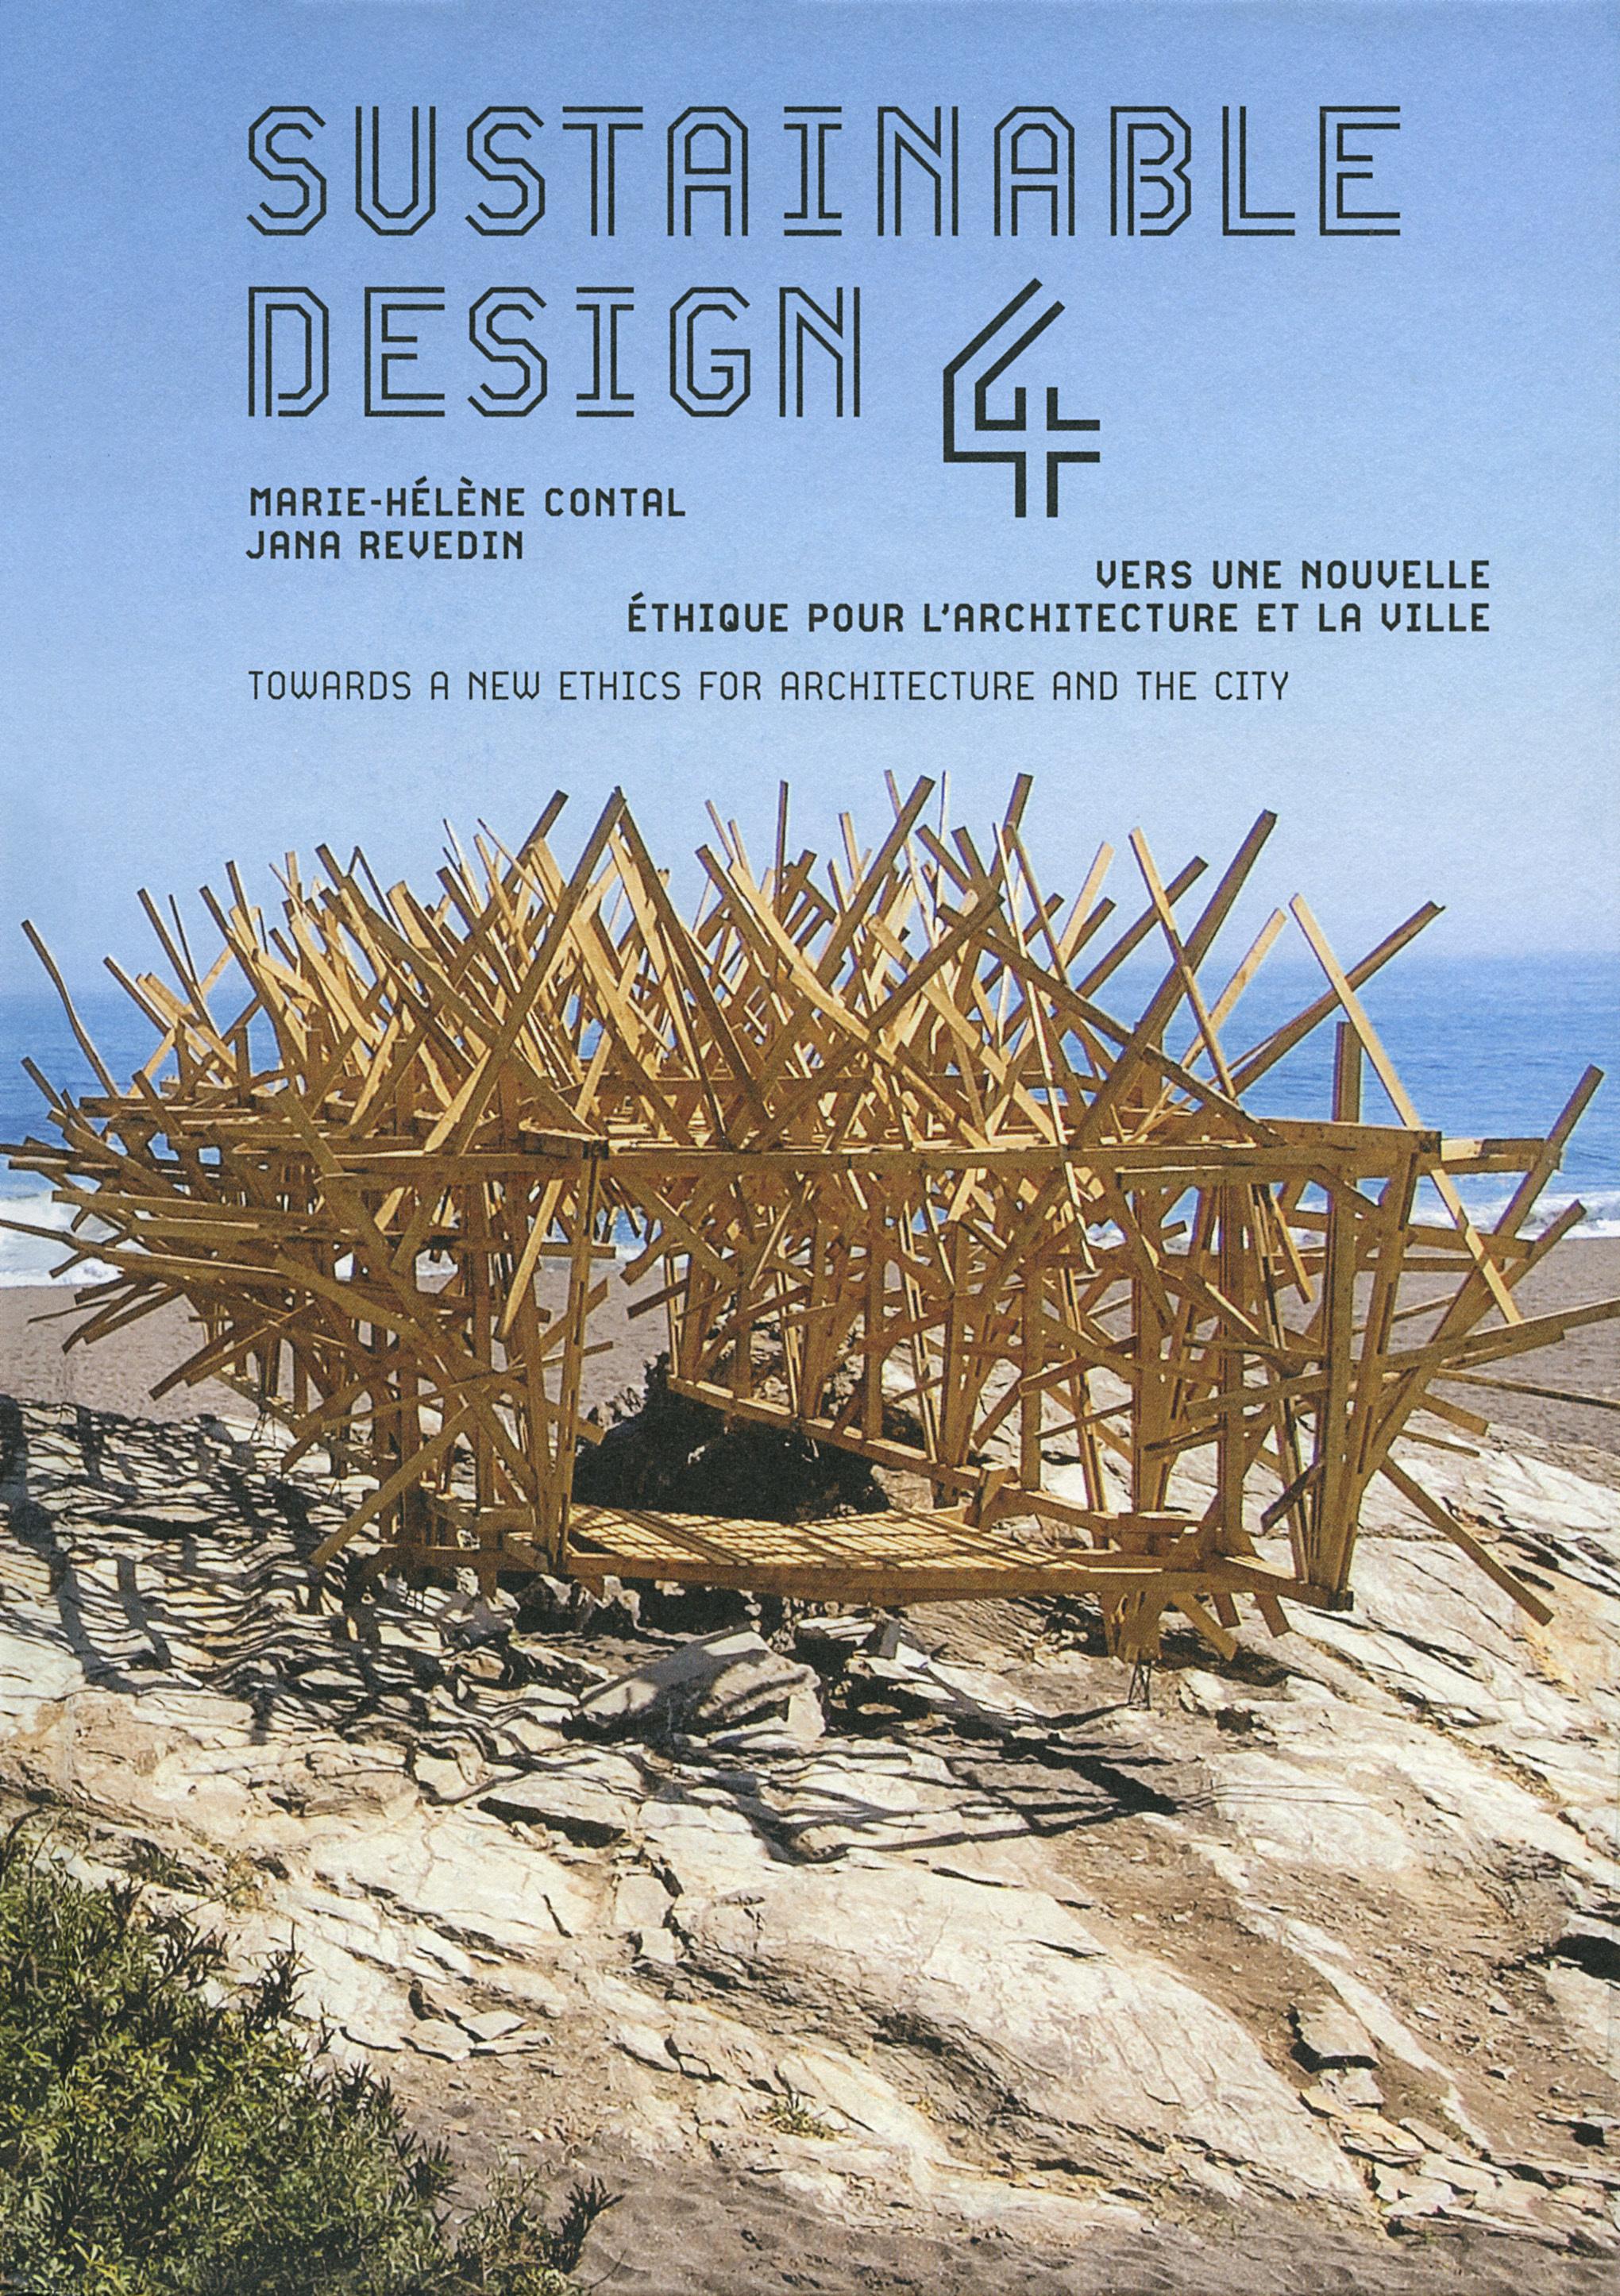 SUSTAINABLE DESIGN IV - VERS UNE NOUVELLE ETHIQUE POUR L'ARCHITECTURE ET LA VILLE